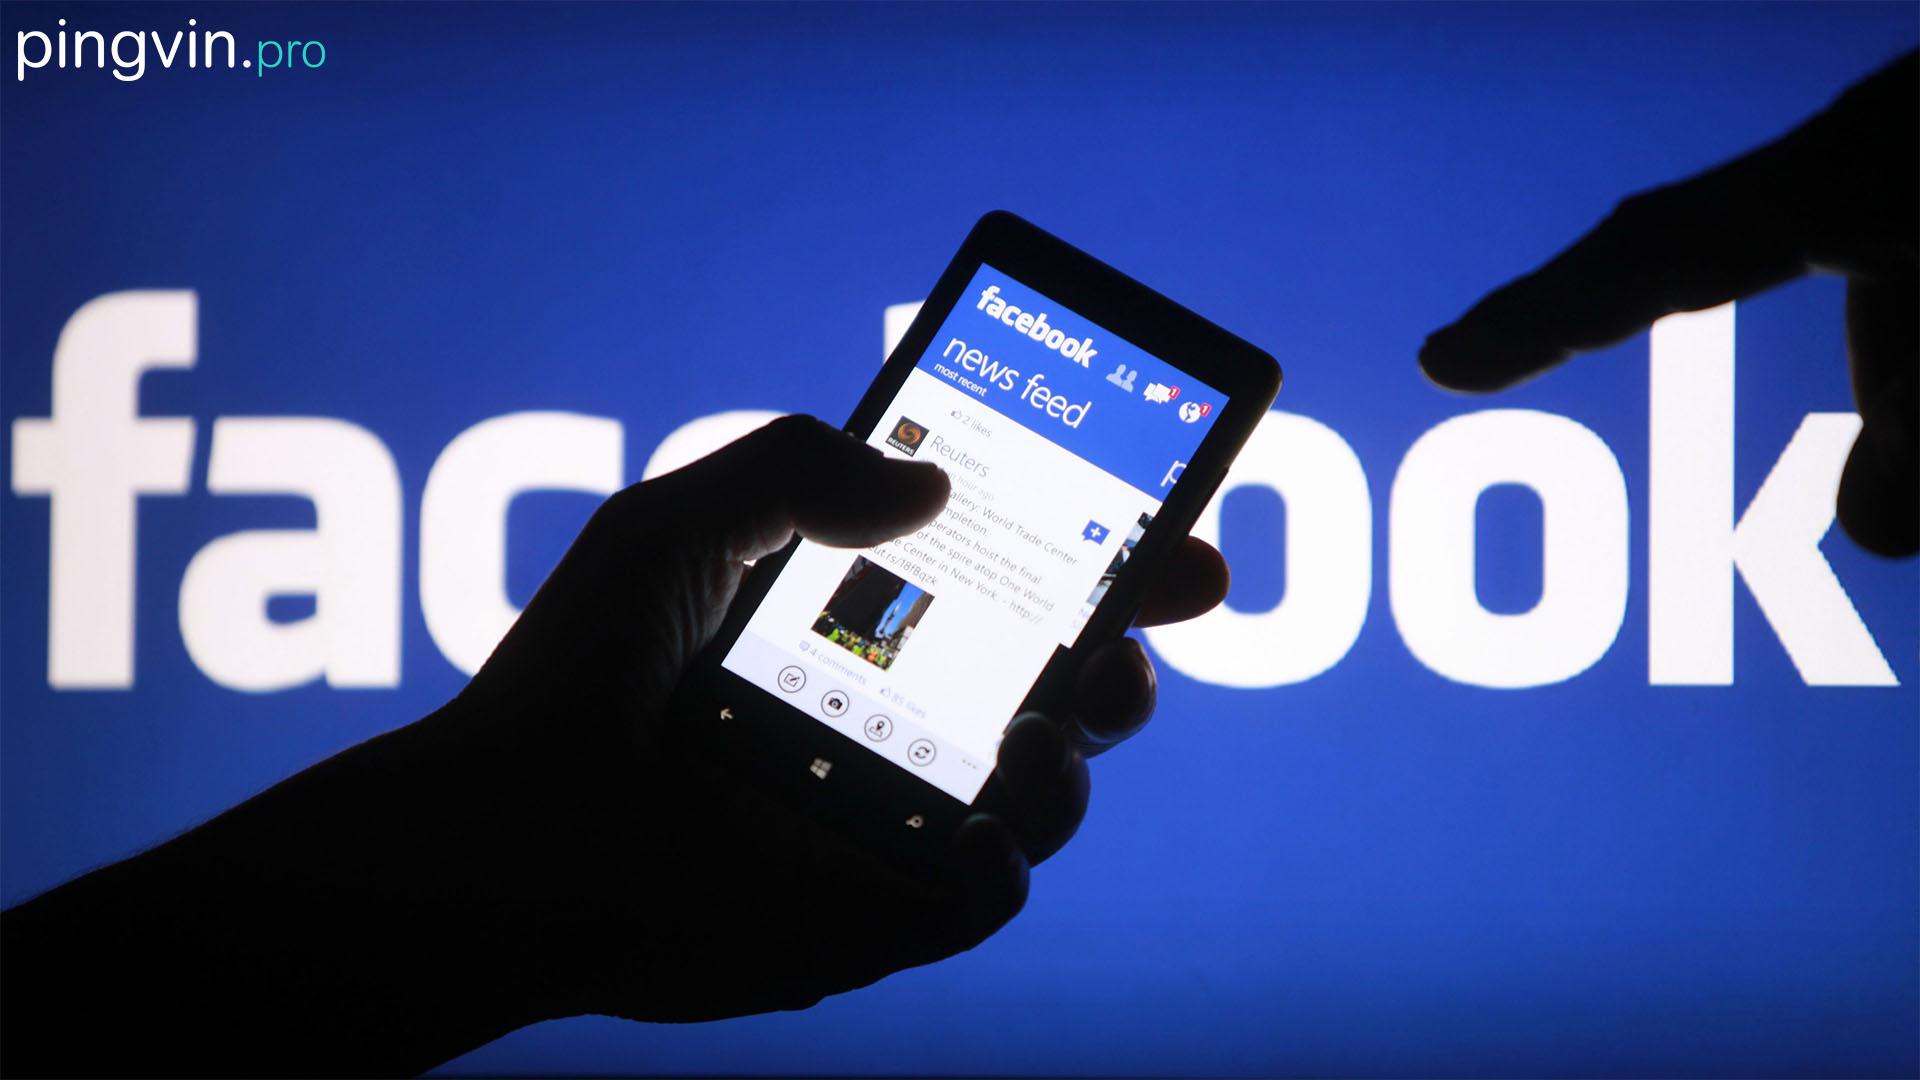 Facebook може отримати штраф за продаж даних користувачів